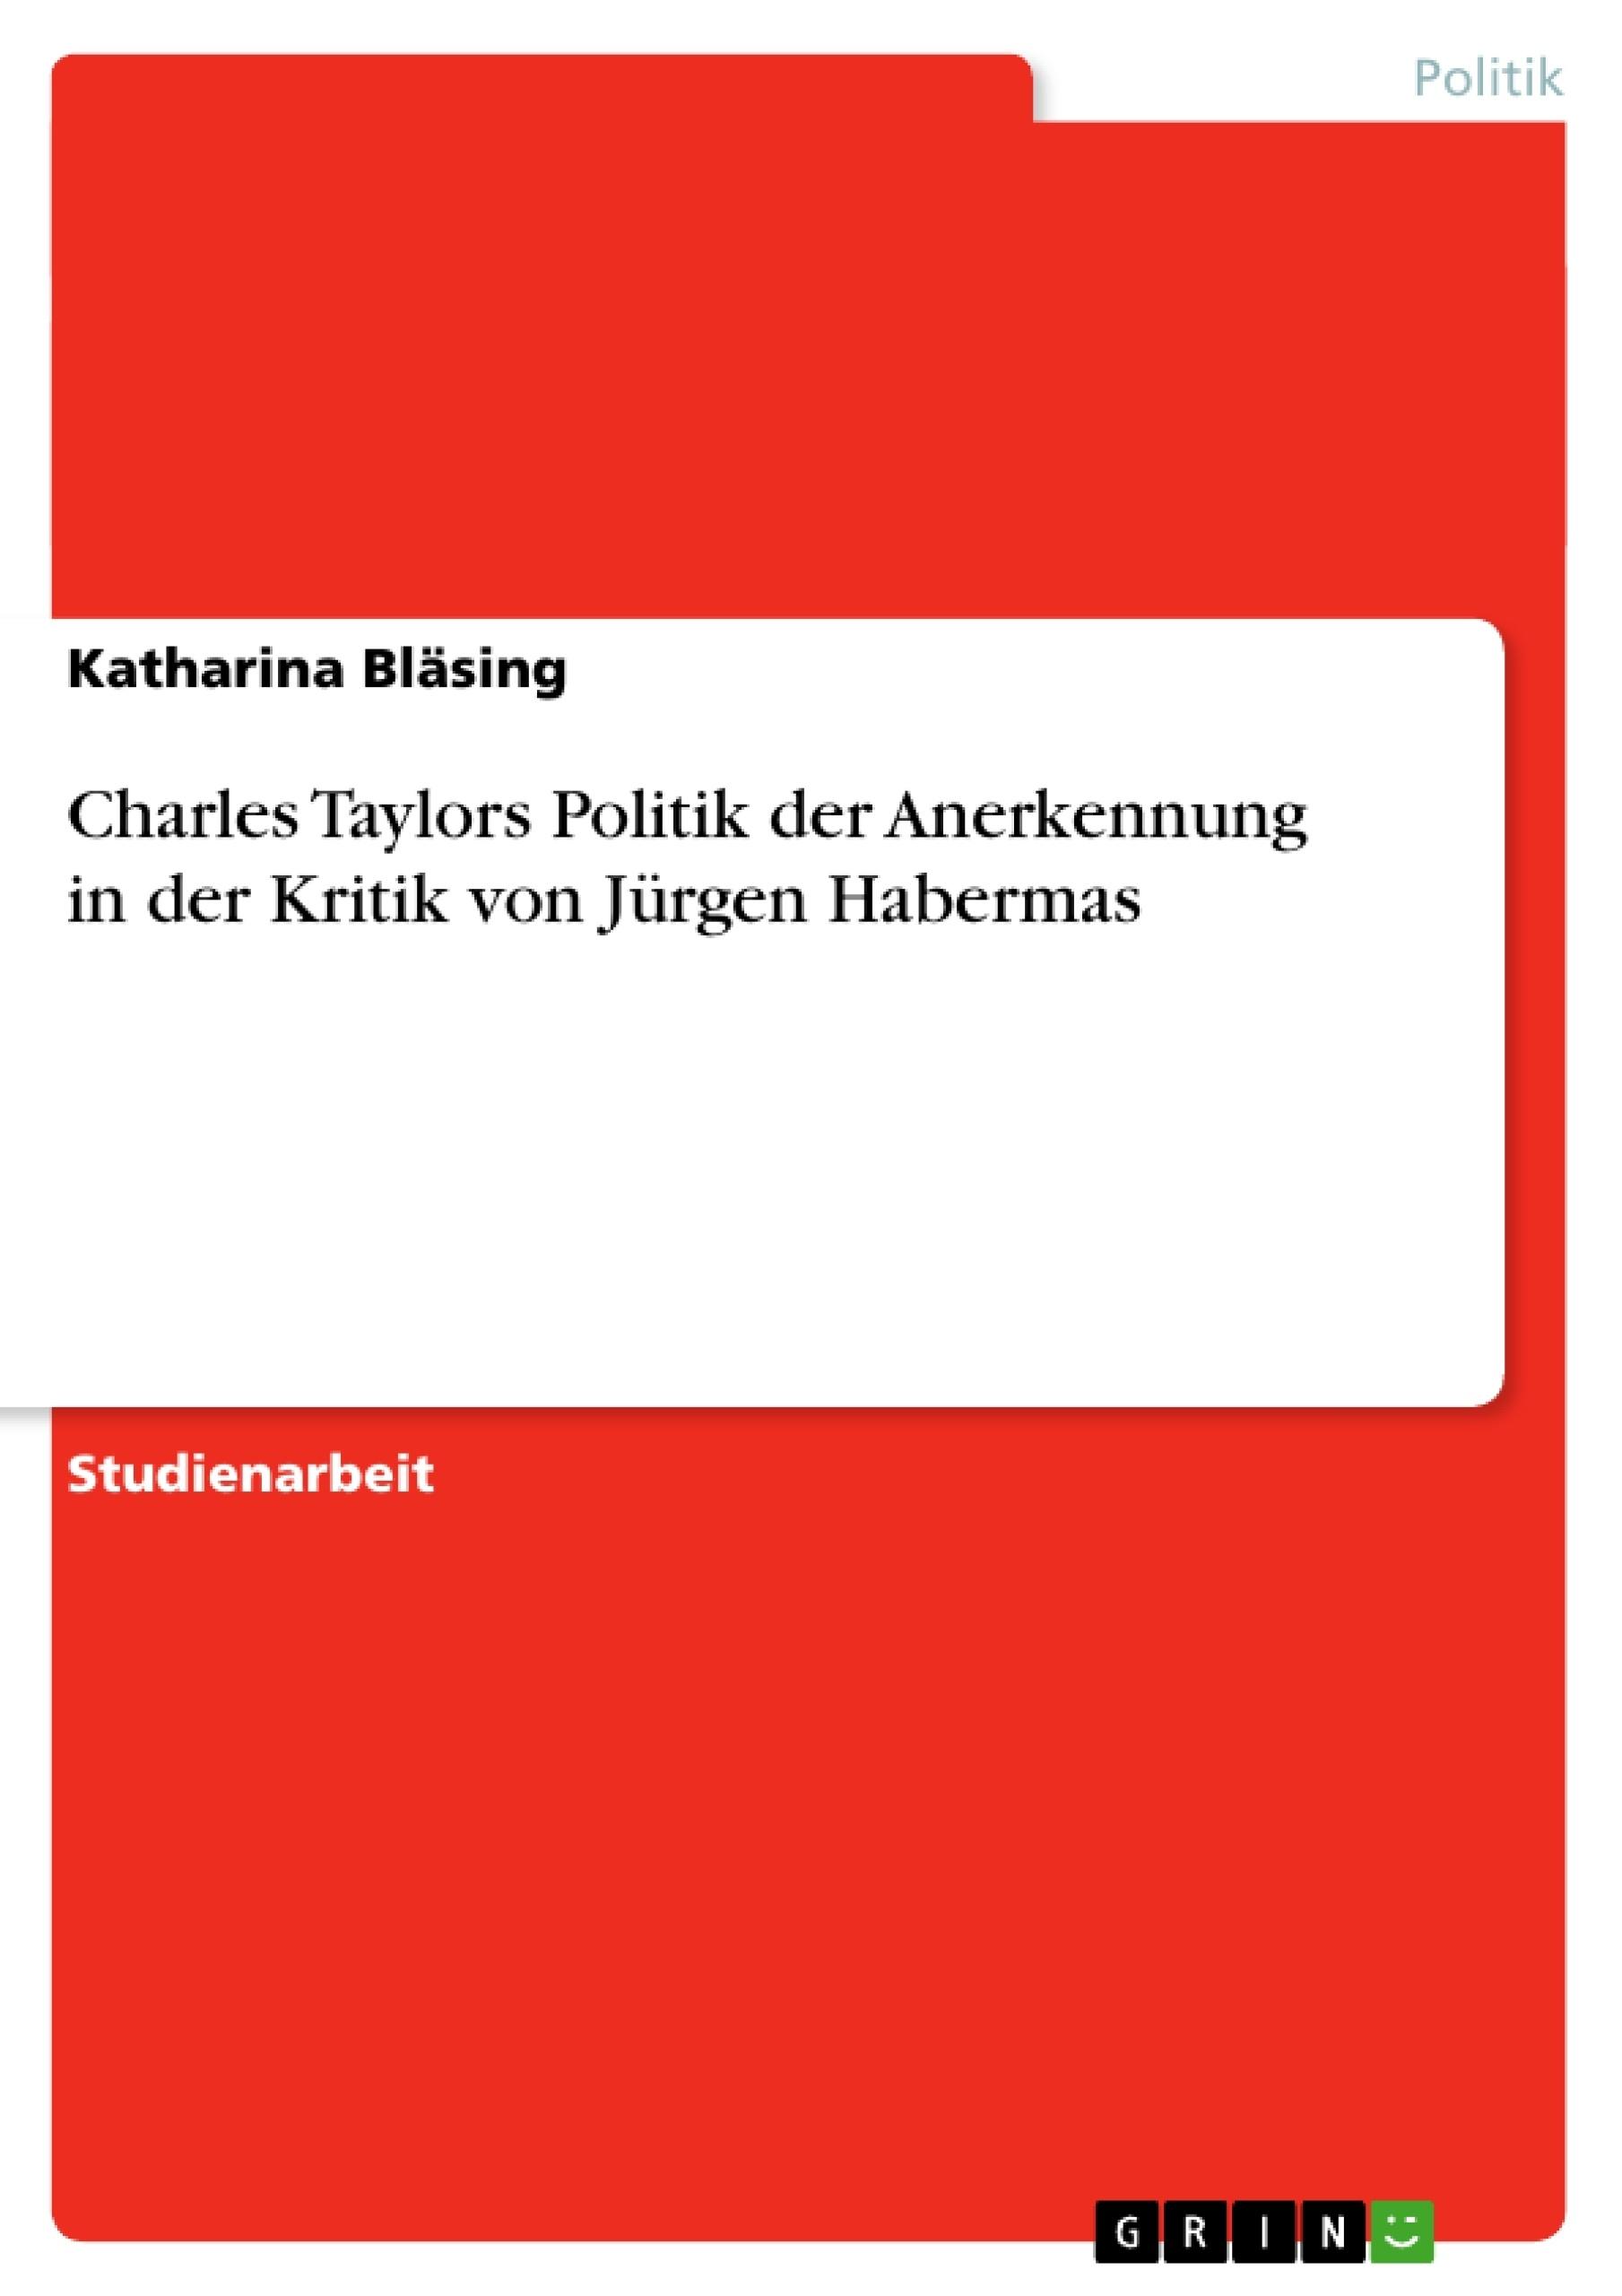 Titel: Charles Taylors Politik der Anerkennung in der Kritik von Jürgen Habermas